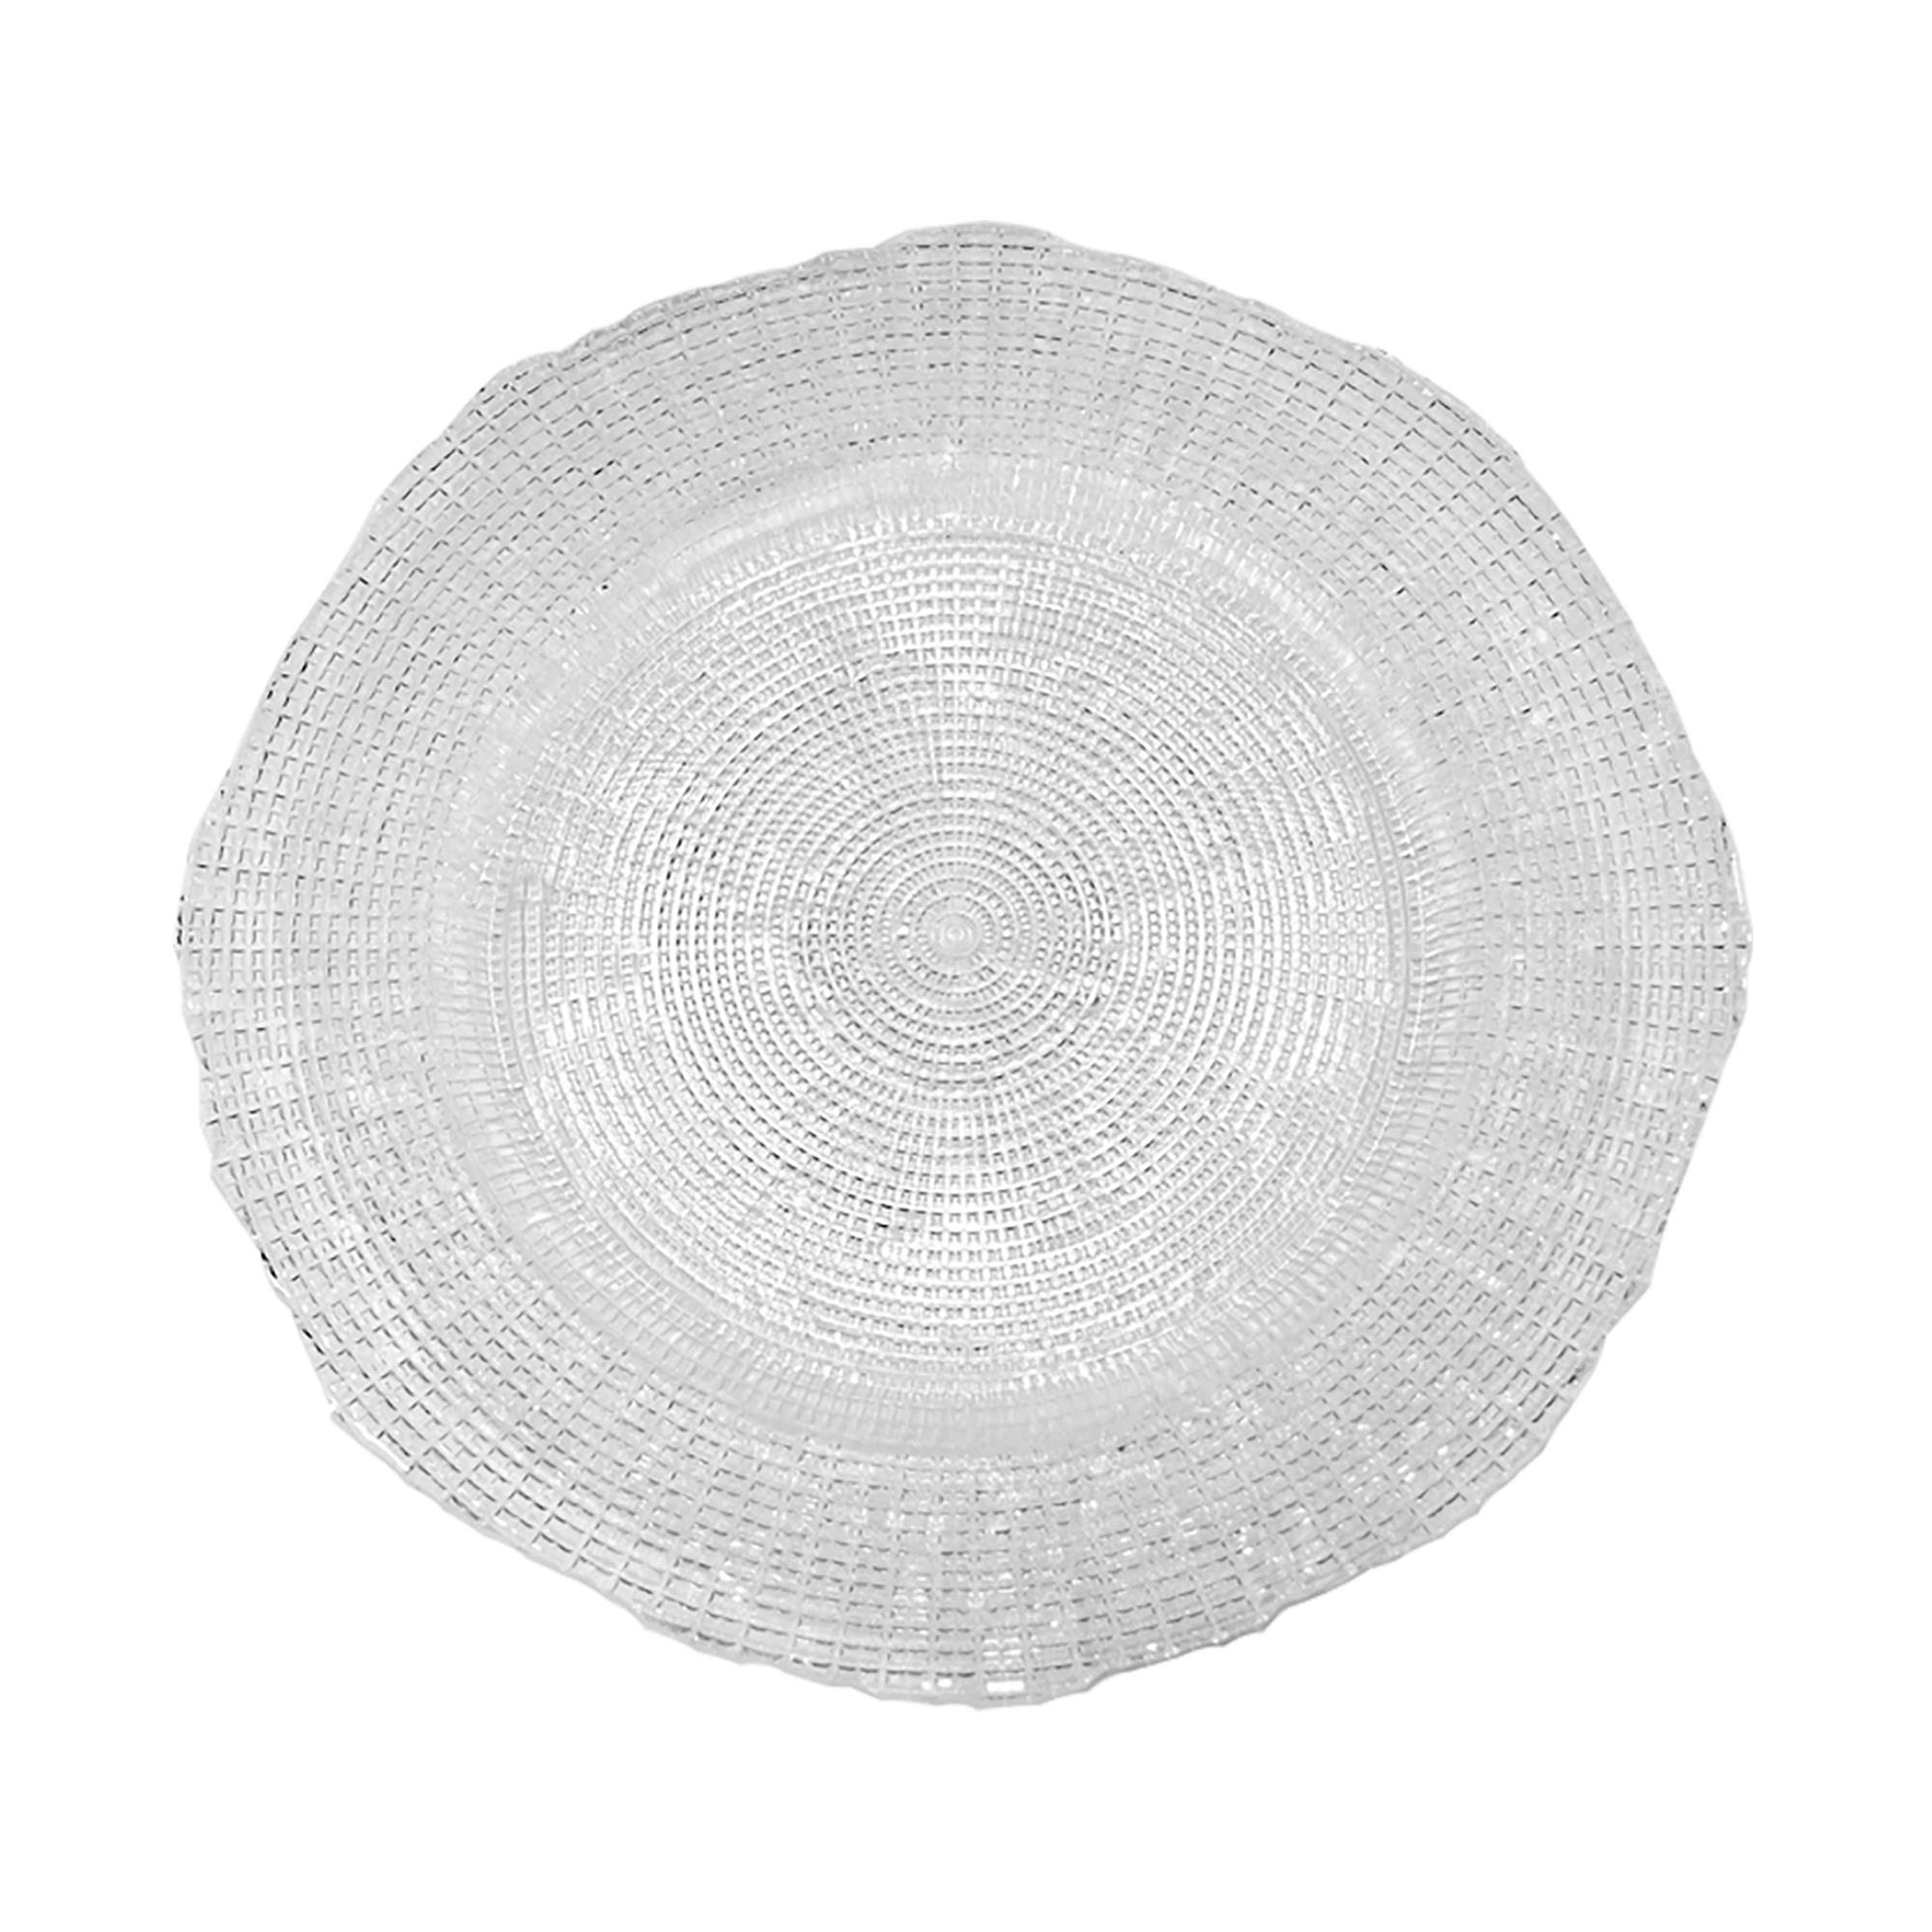 Assiette plate en verre pressé 27 cm - Lot de 6